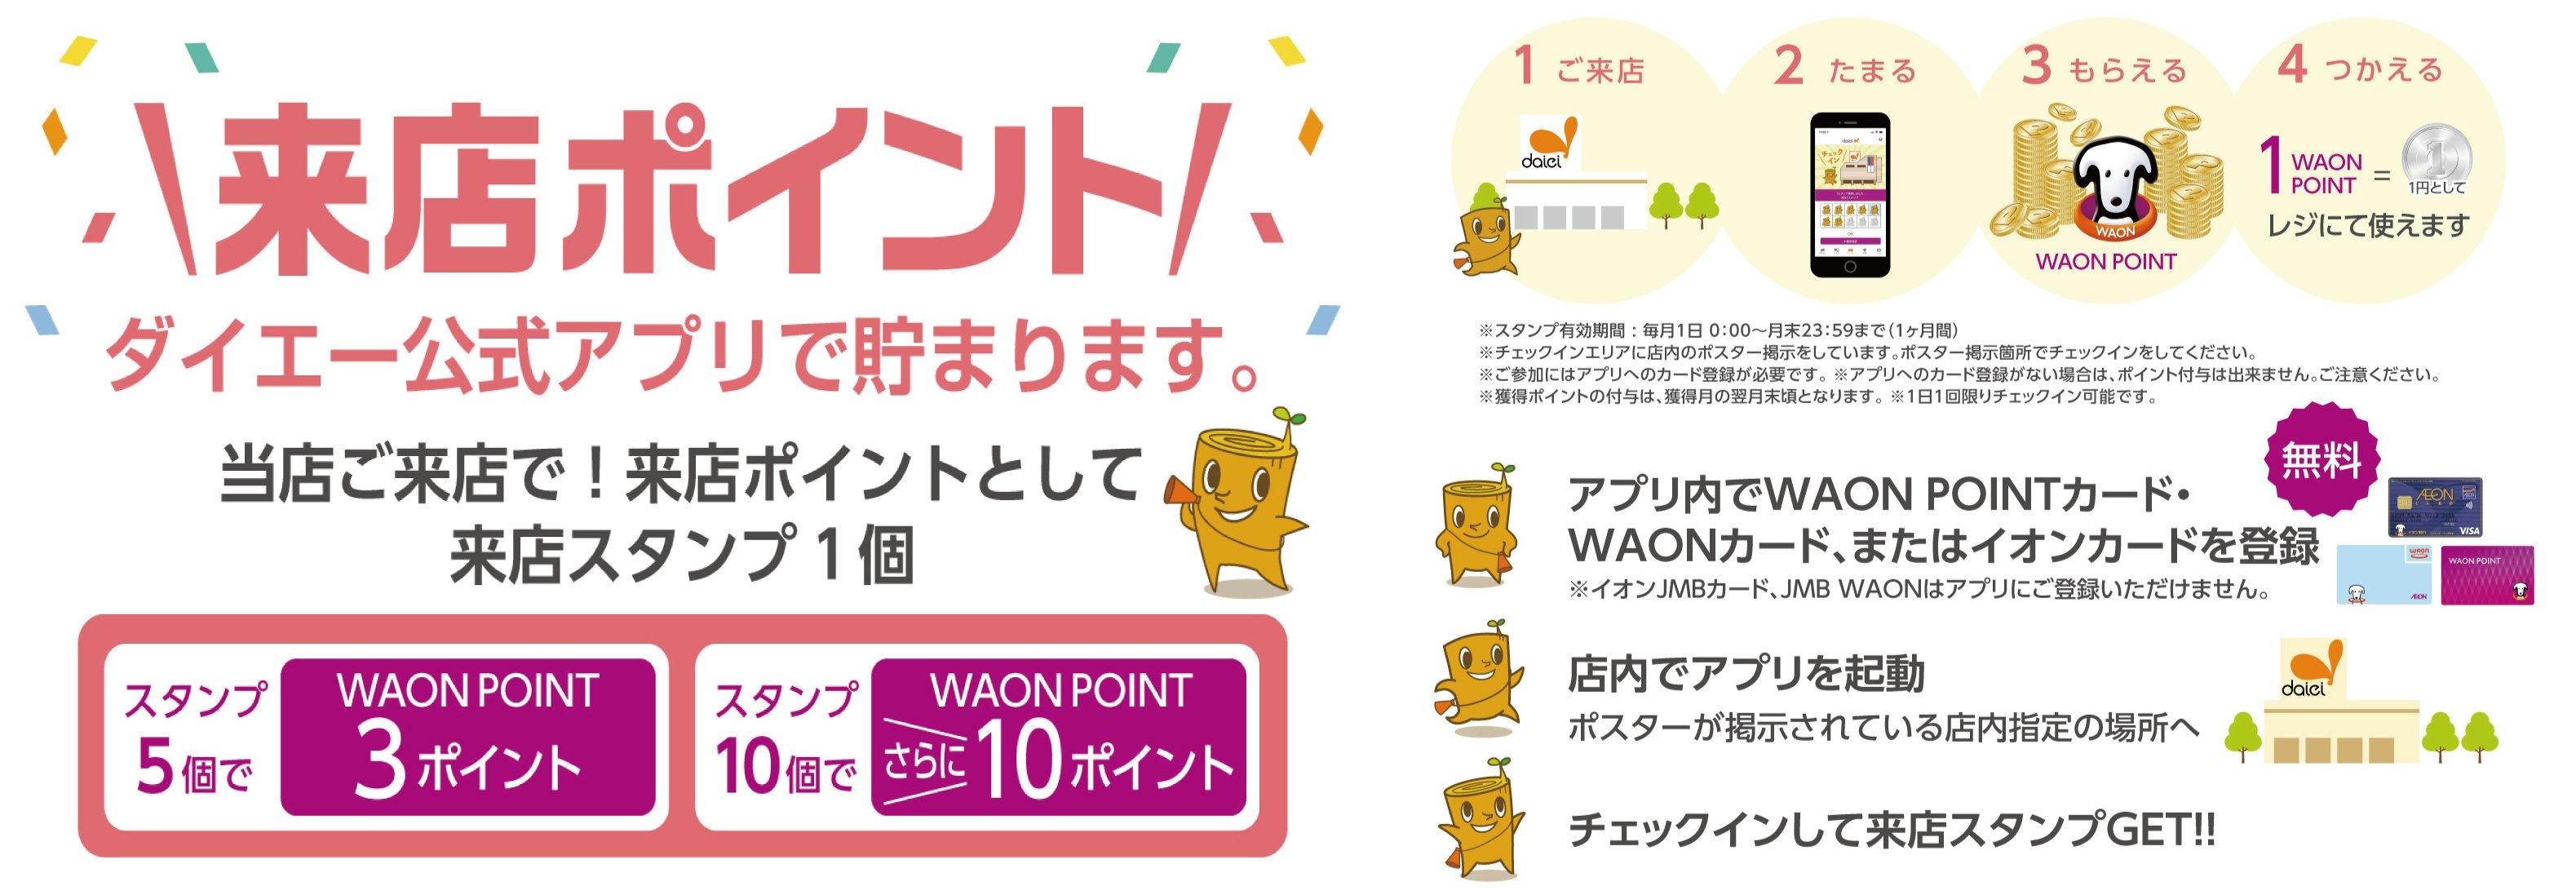 daiei_image1_.jpg